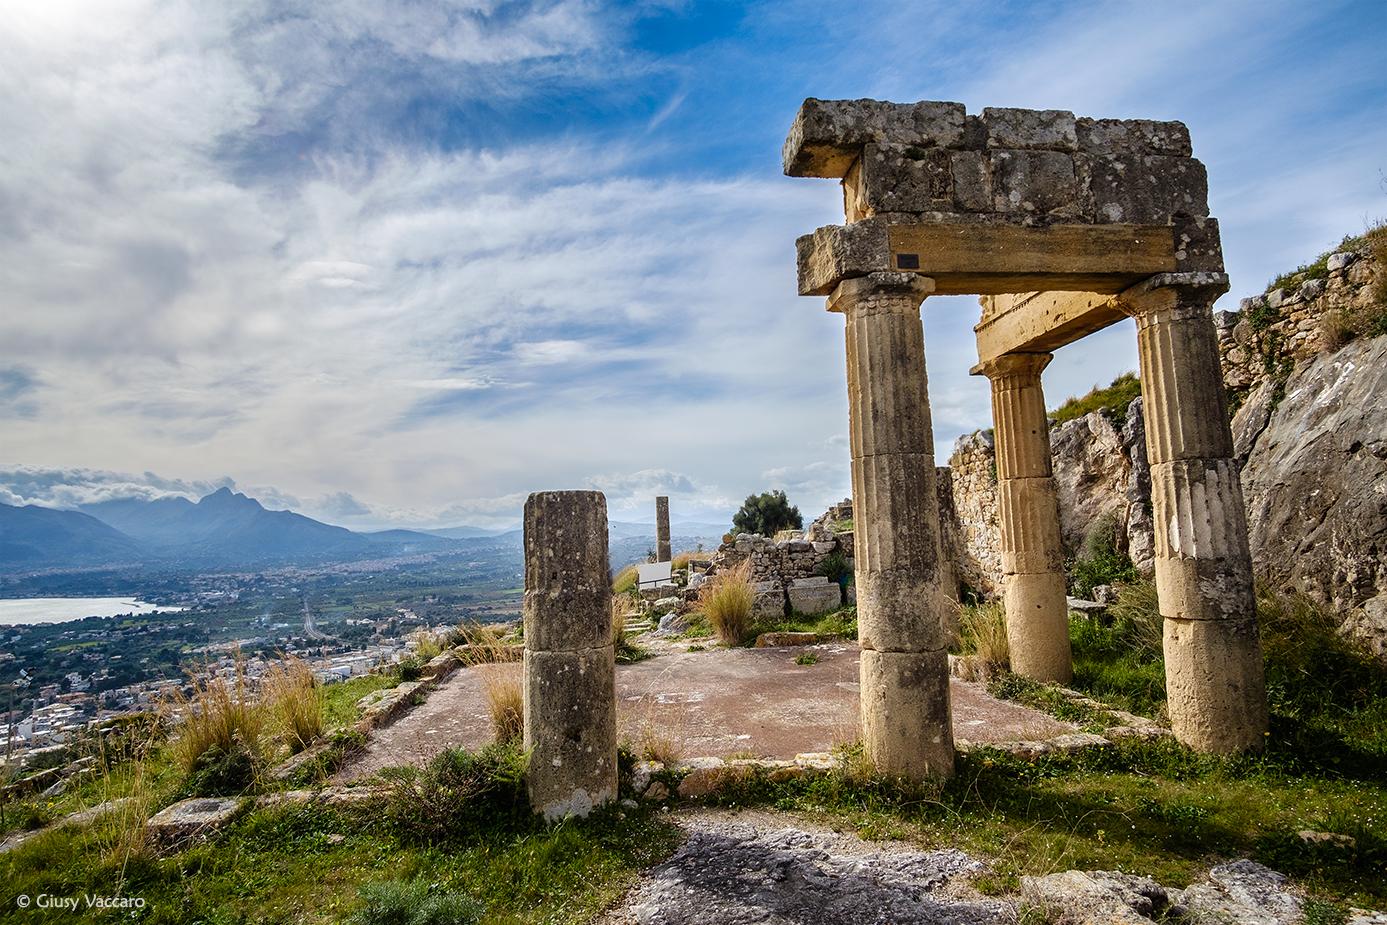 Parco-archeologico-di-Solunto